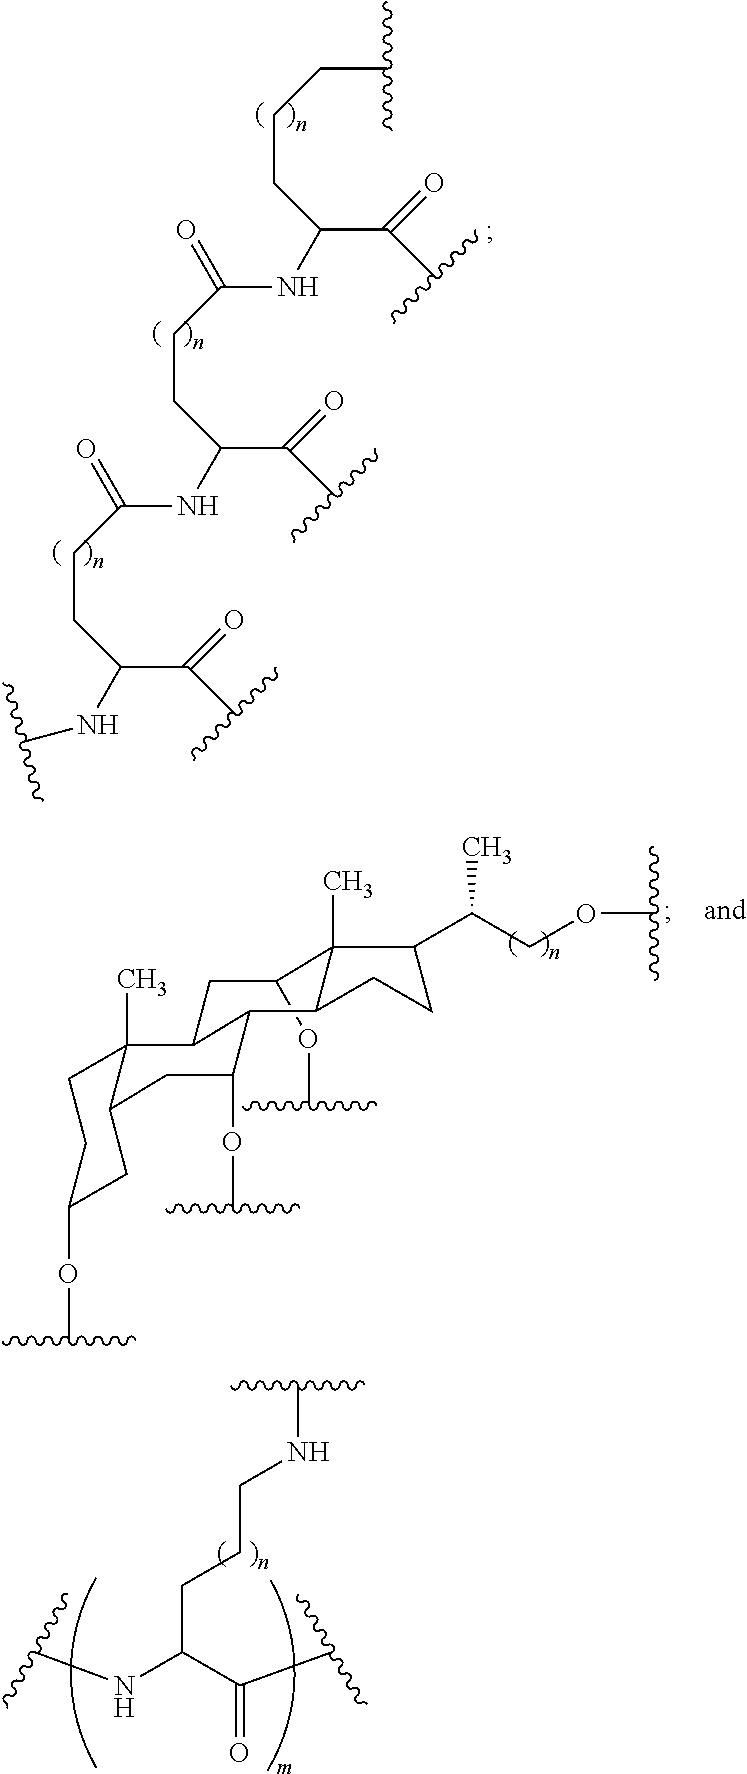 Figure US09932580-20180403-C00045